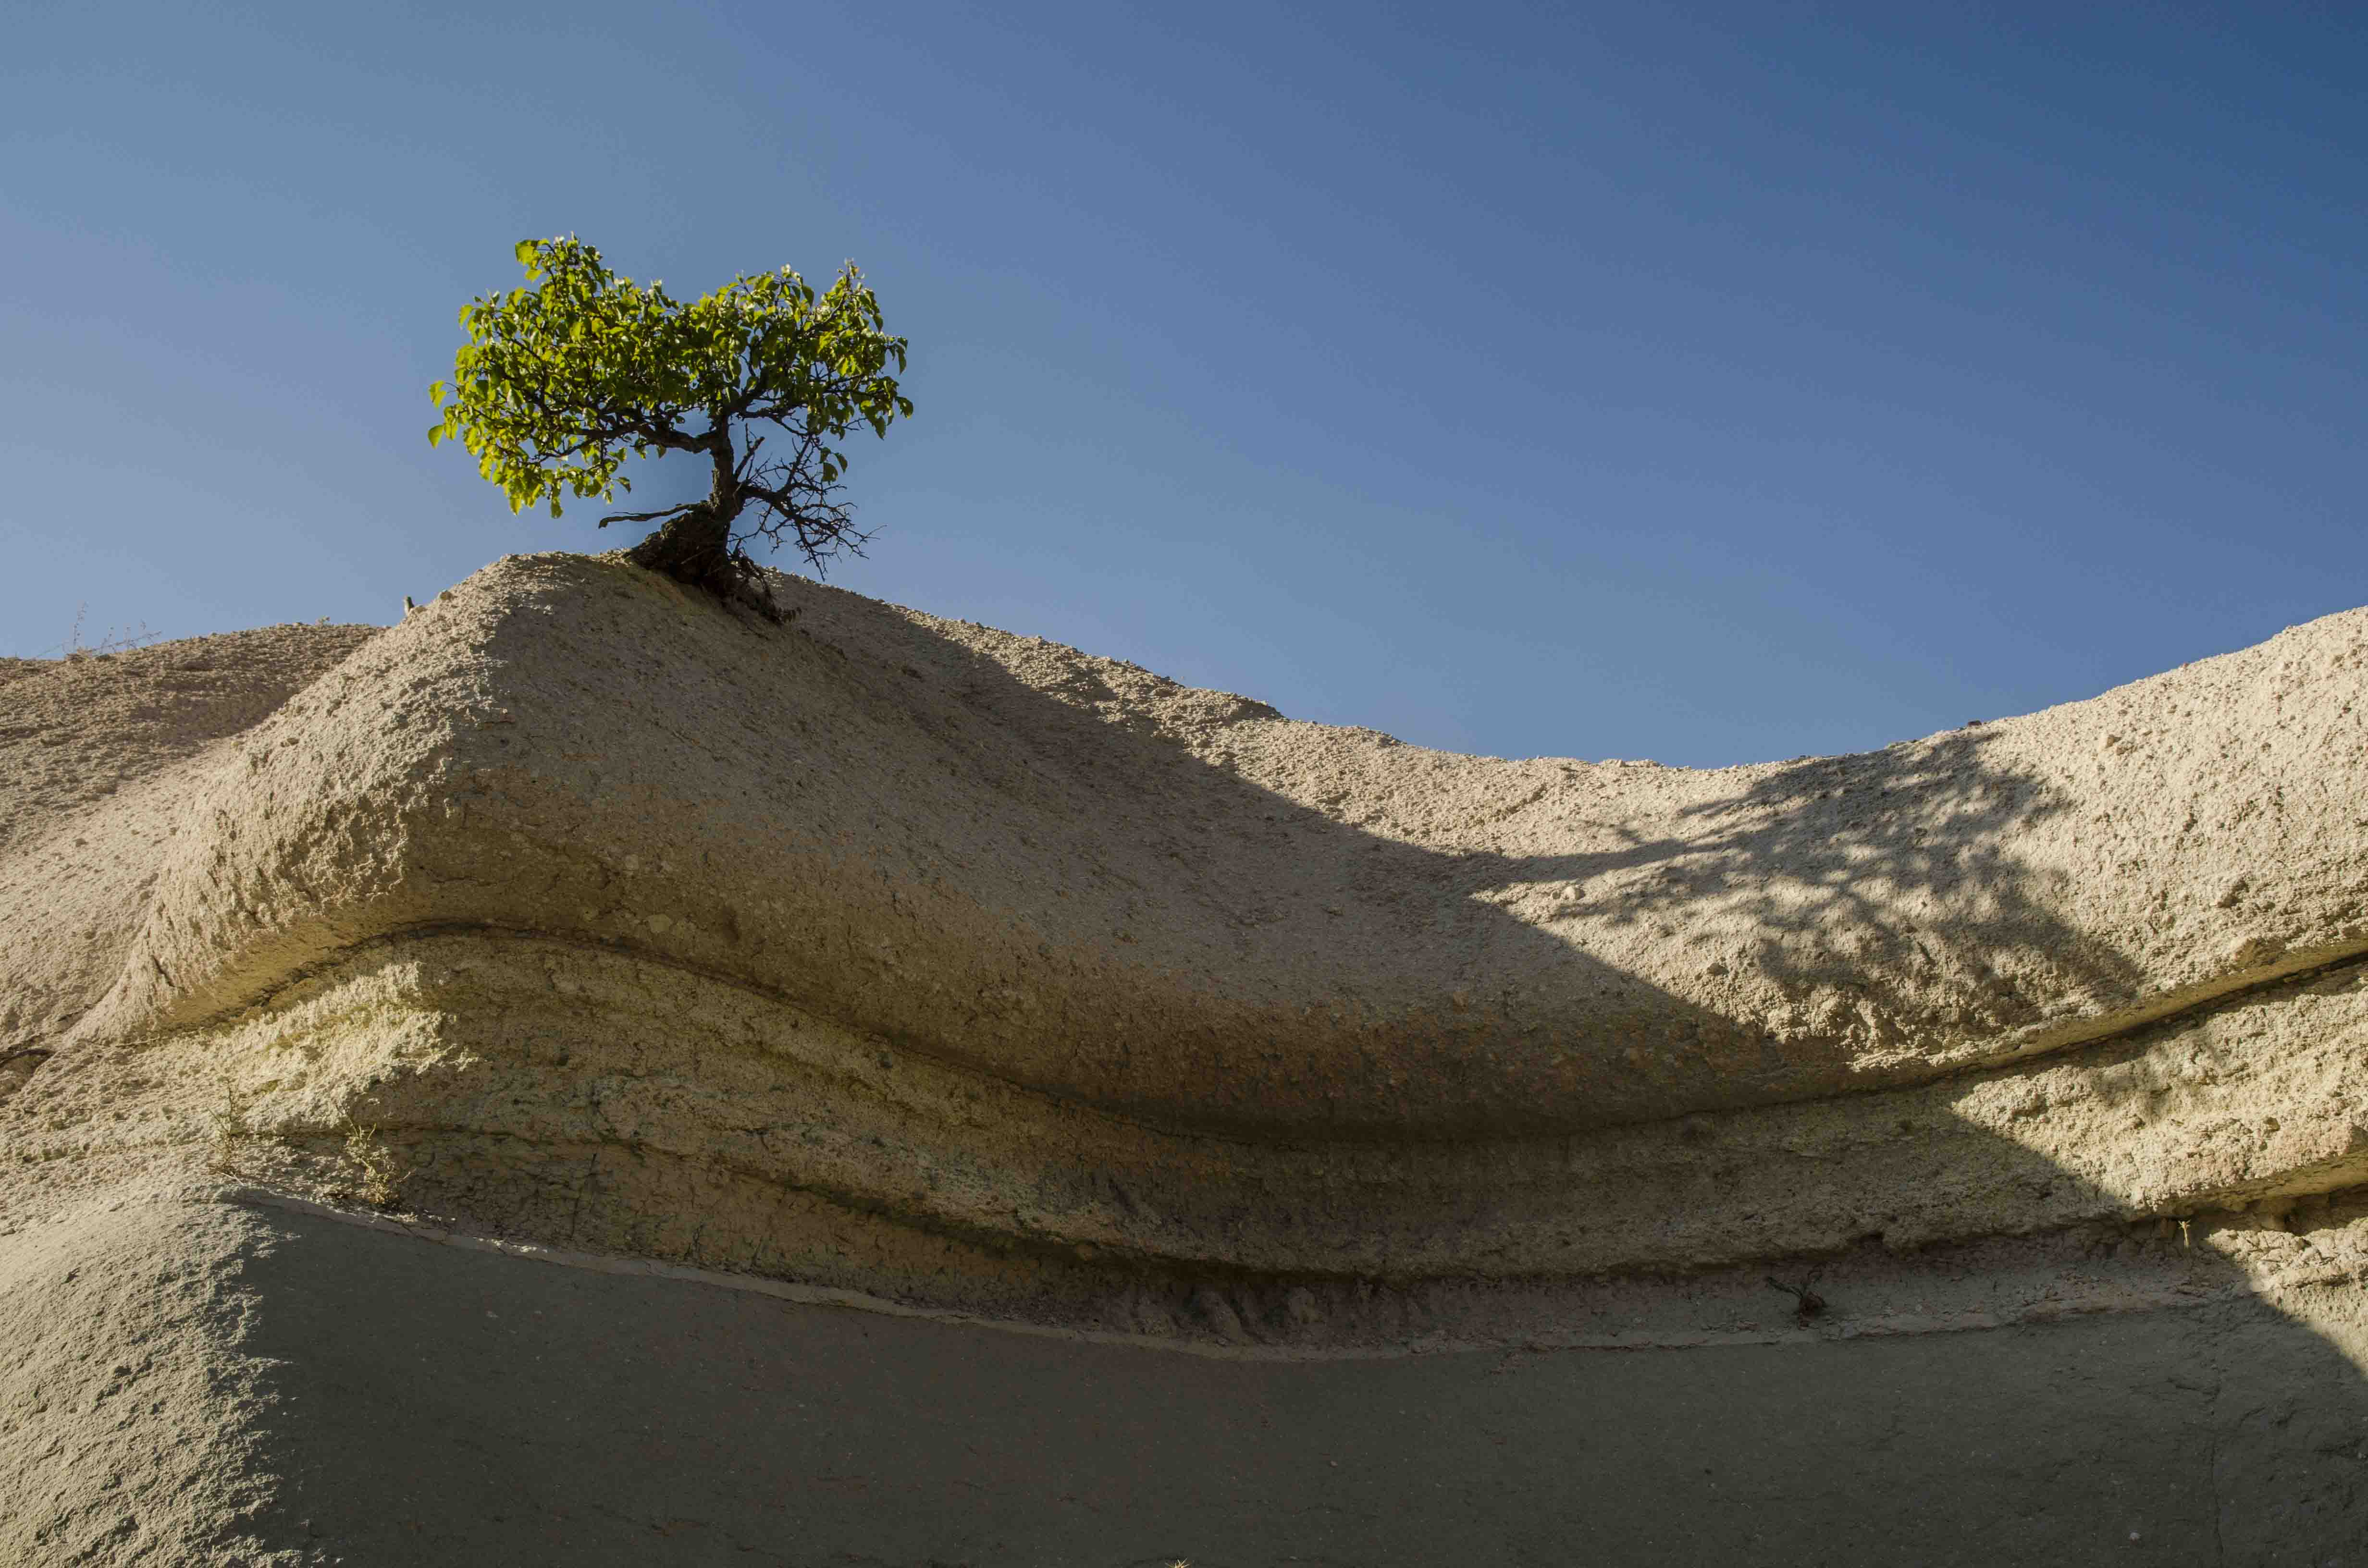 Cappadocia - big or small tree??